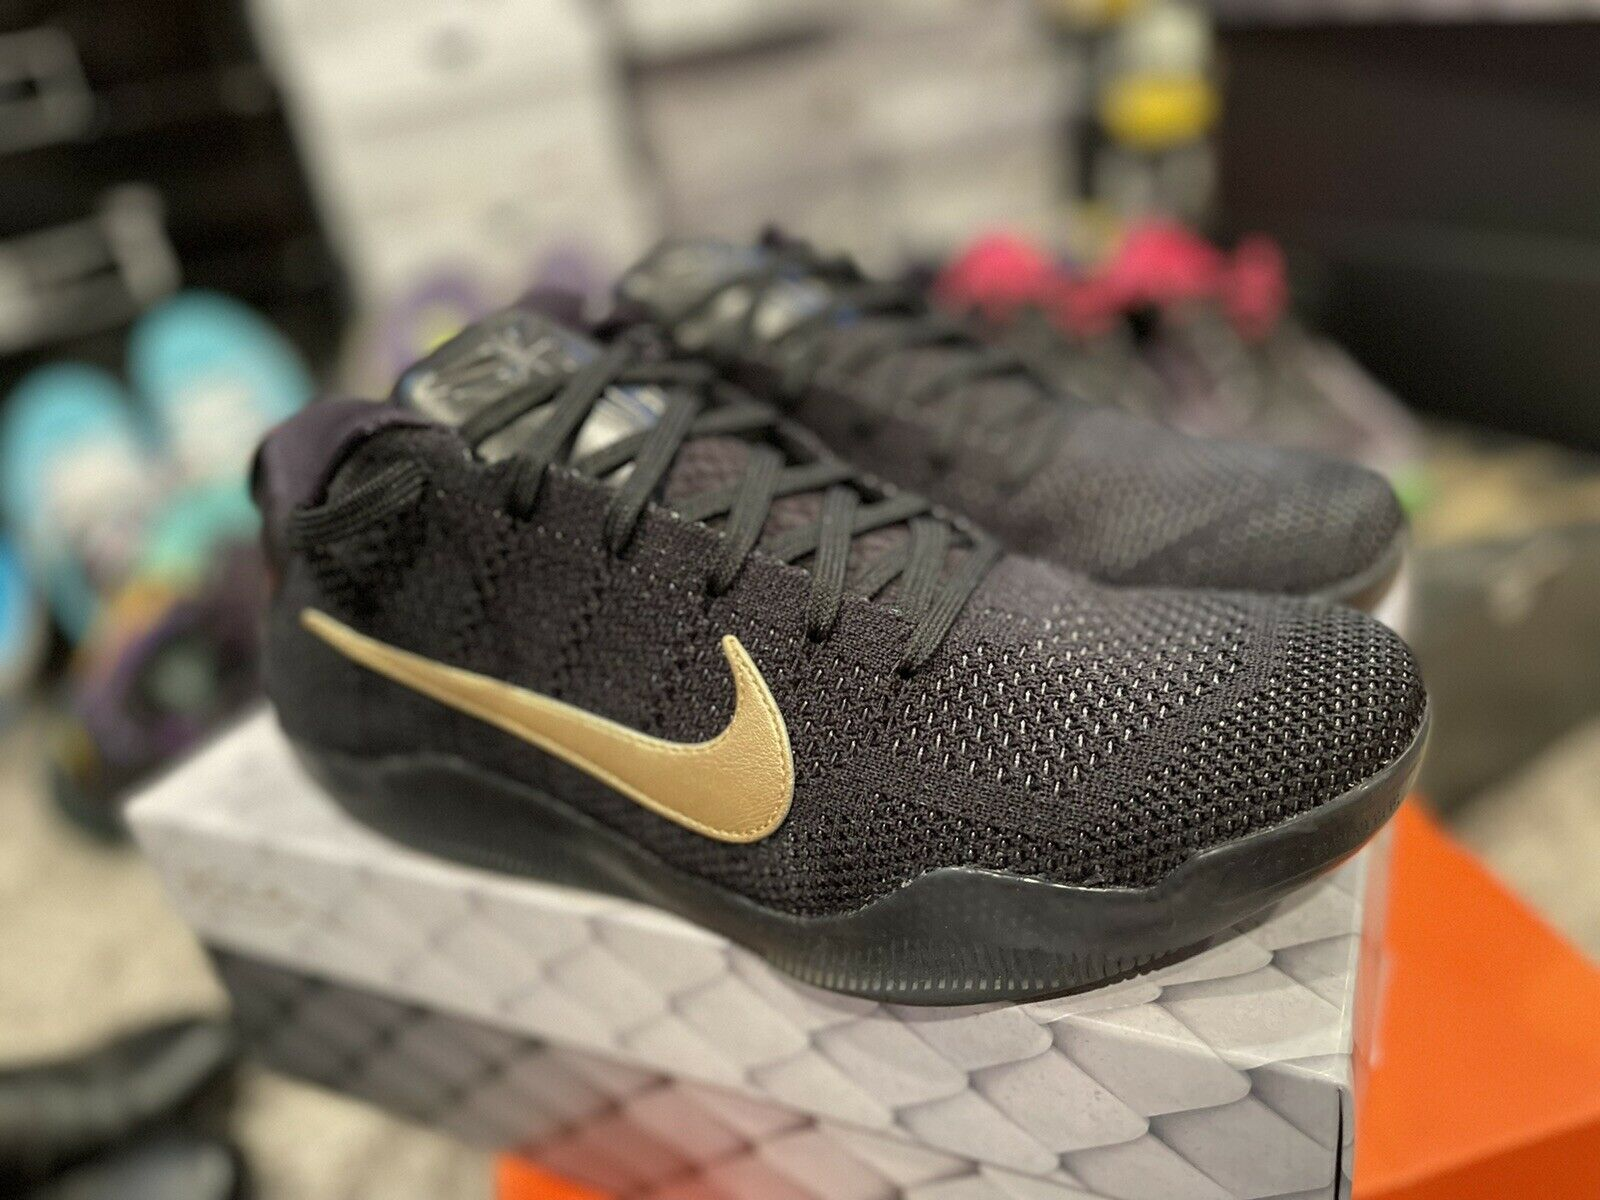 Size 11 - Nike Kobe 11 Elite Low FTB 2016 for sale online | eBay